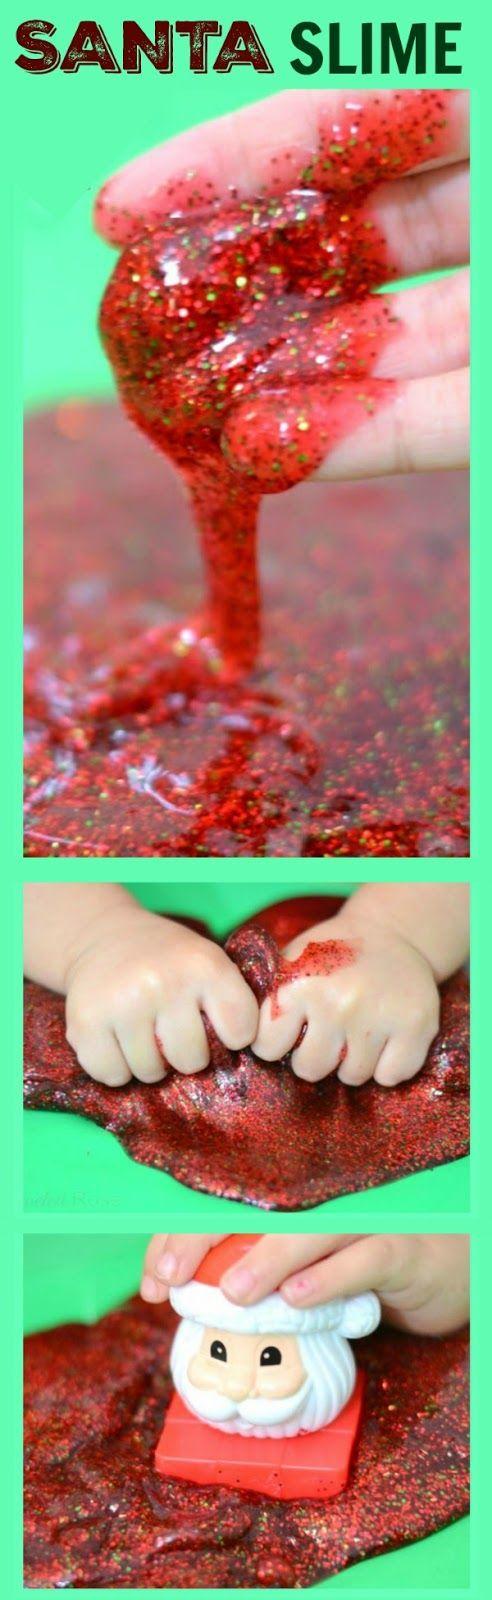 SANTA SLIME- so fun for kids & smells just like Christmas!                                                                                                                                                                                 More